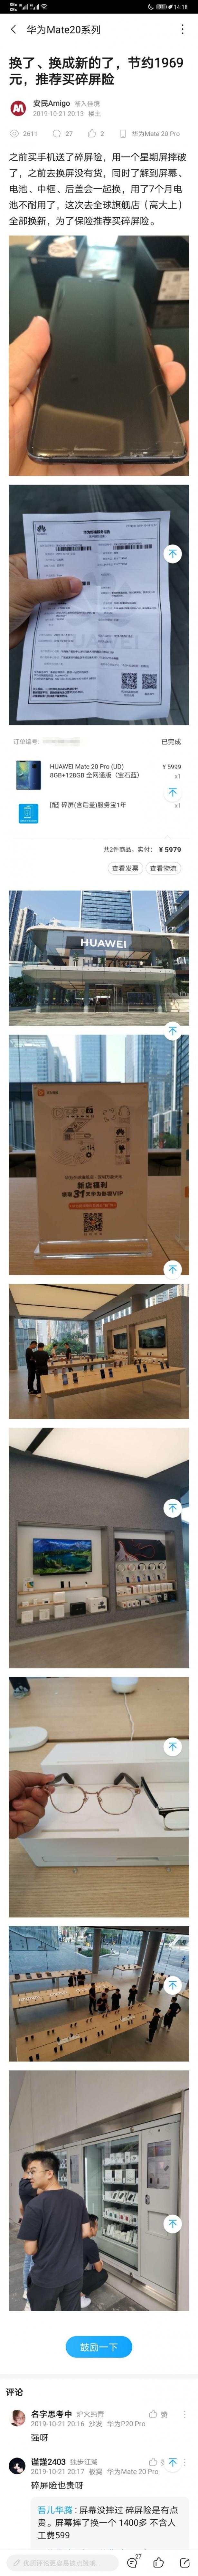 Screenshot_20200118_141854_com.huawei.fans.jpg